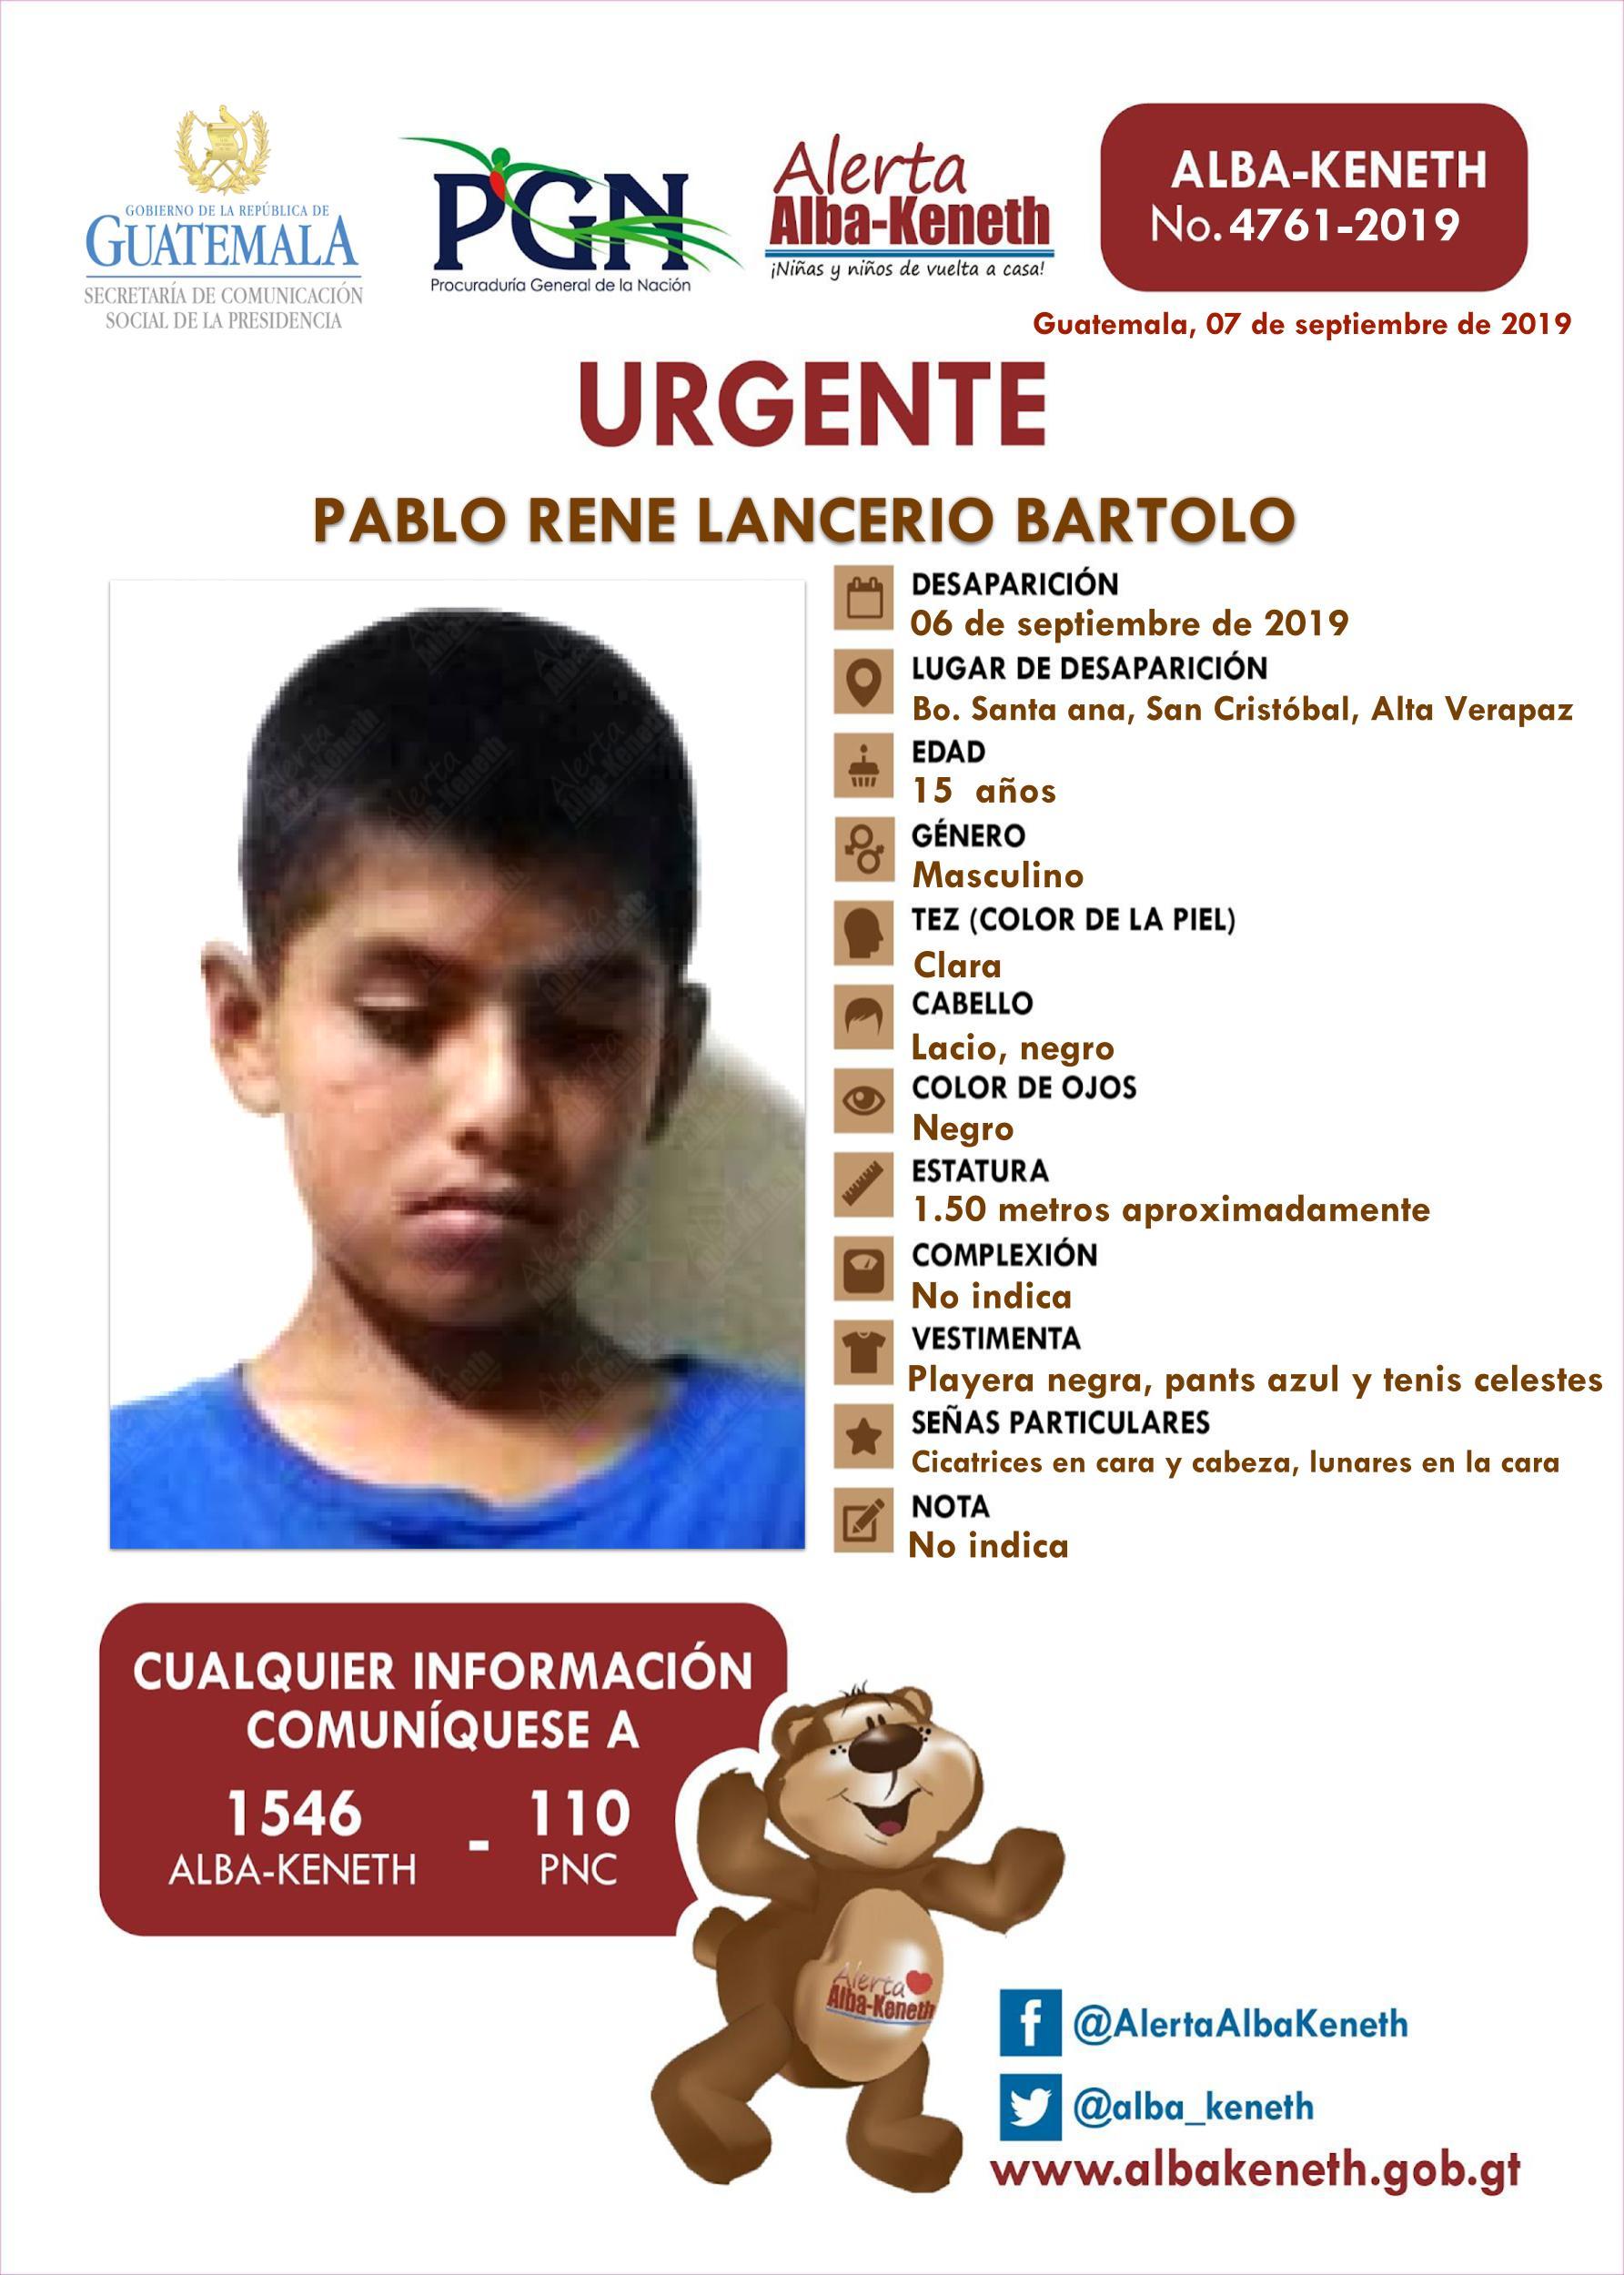 Pablo Rene Lancerio Bartolo